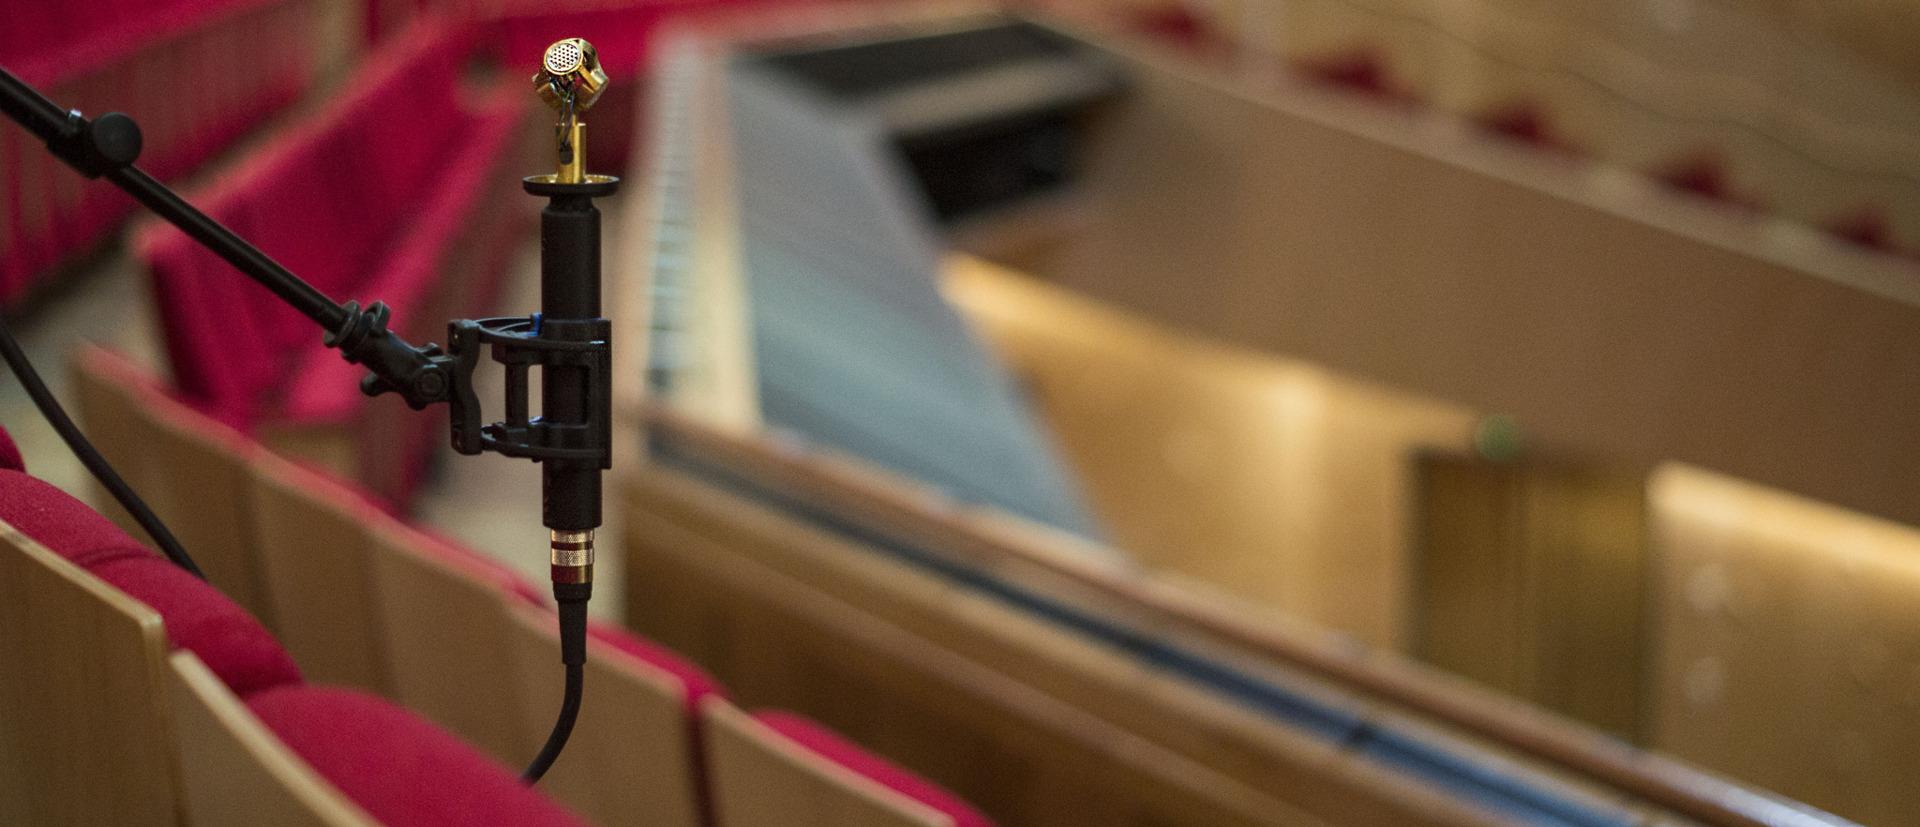 Marshall Day Acoustics und Sennheiser kündigen Zusammenarbeit an